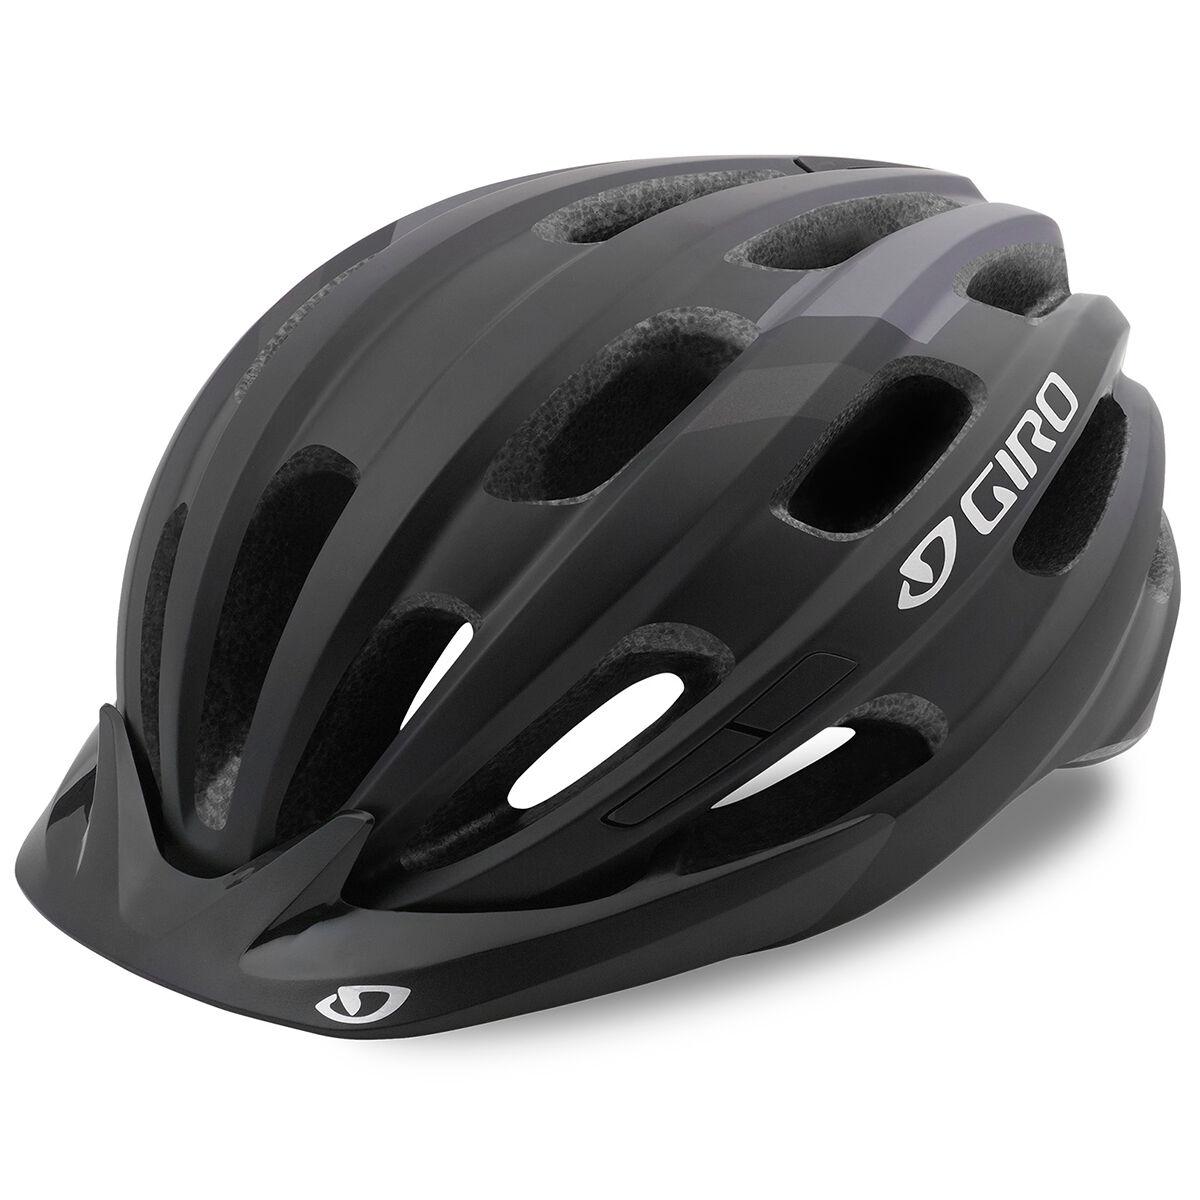 Giro Unisex Register Mips Bike Helmet